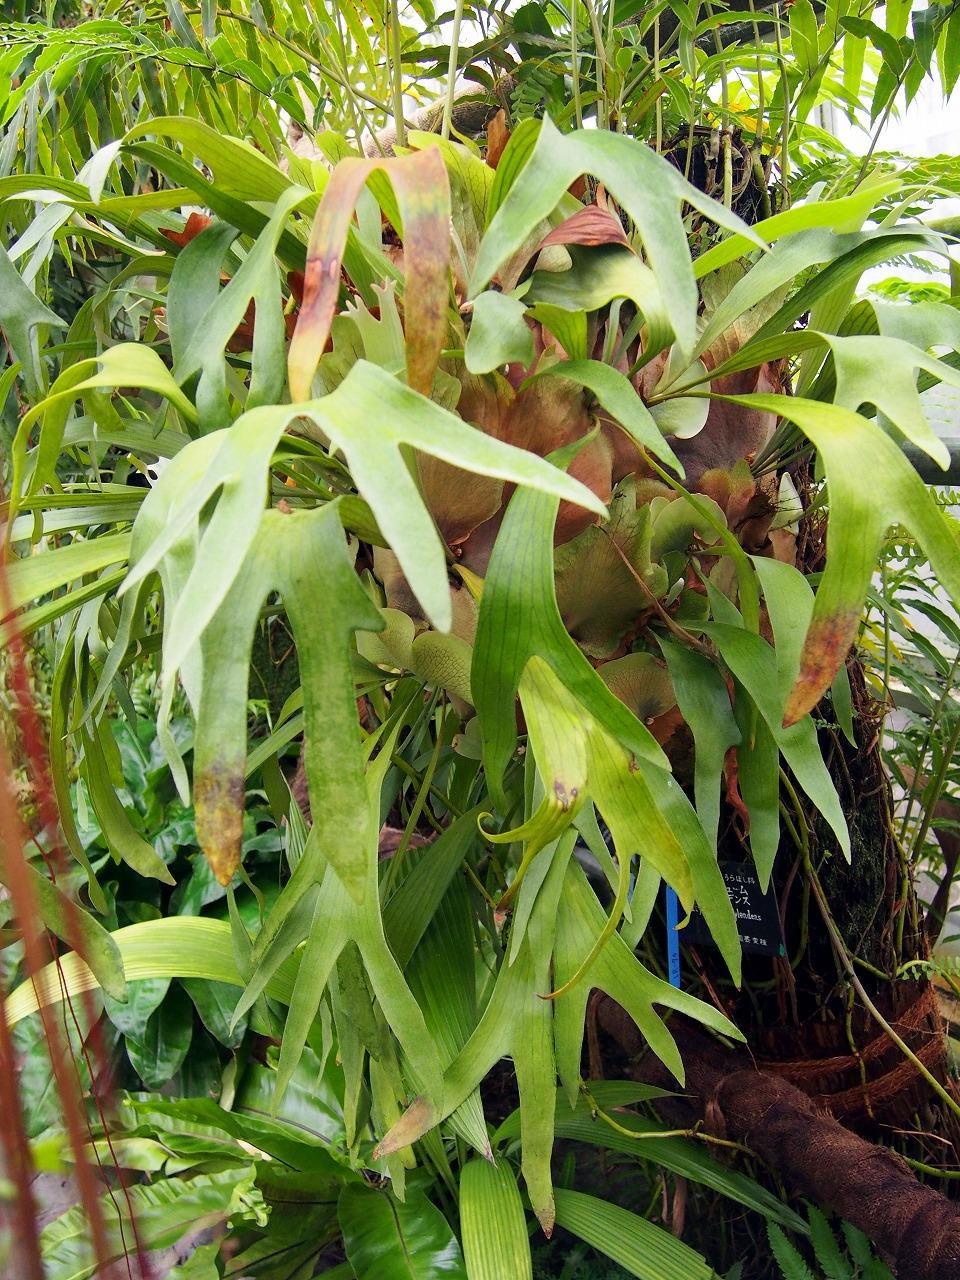 BotanicalGarden122_20141115.jpg